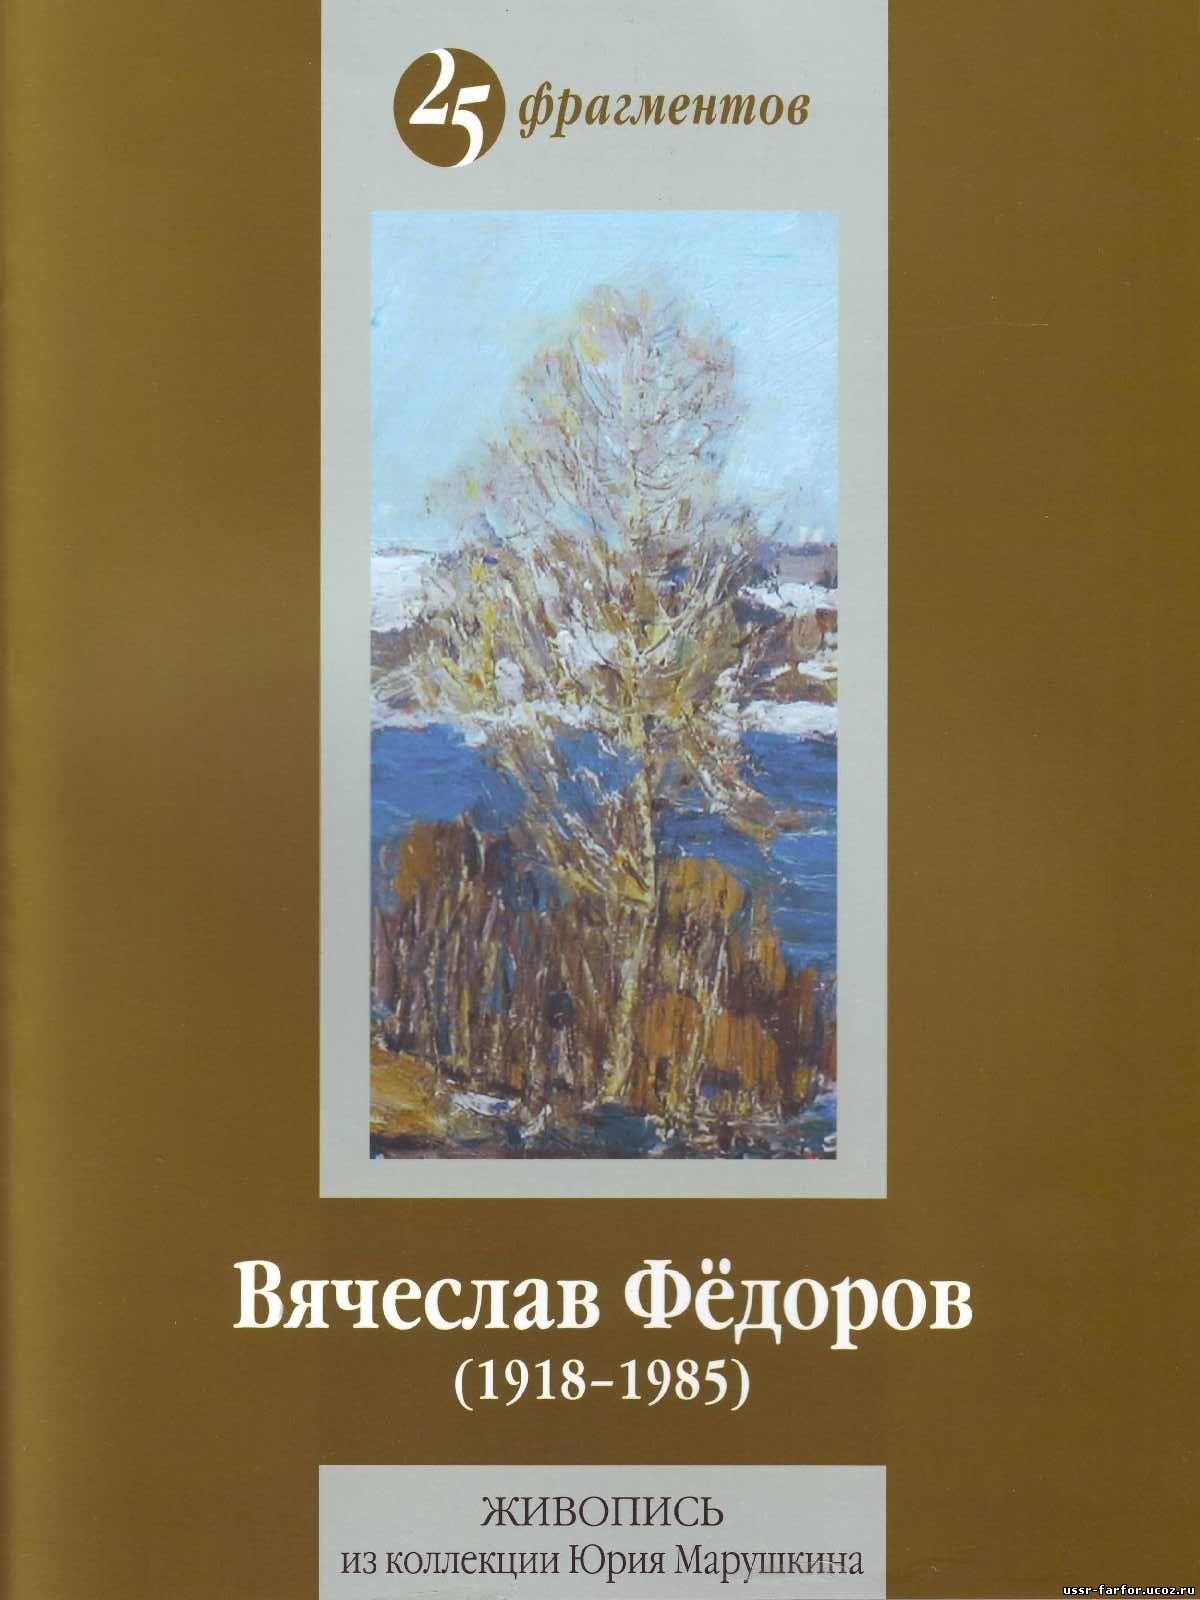 Советский фарфор, фарфор ссср, Вячеслав Фёдоров (1918-1985) живопись из коллекции Ю. Марушкина